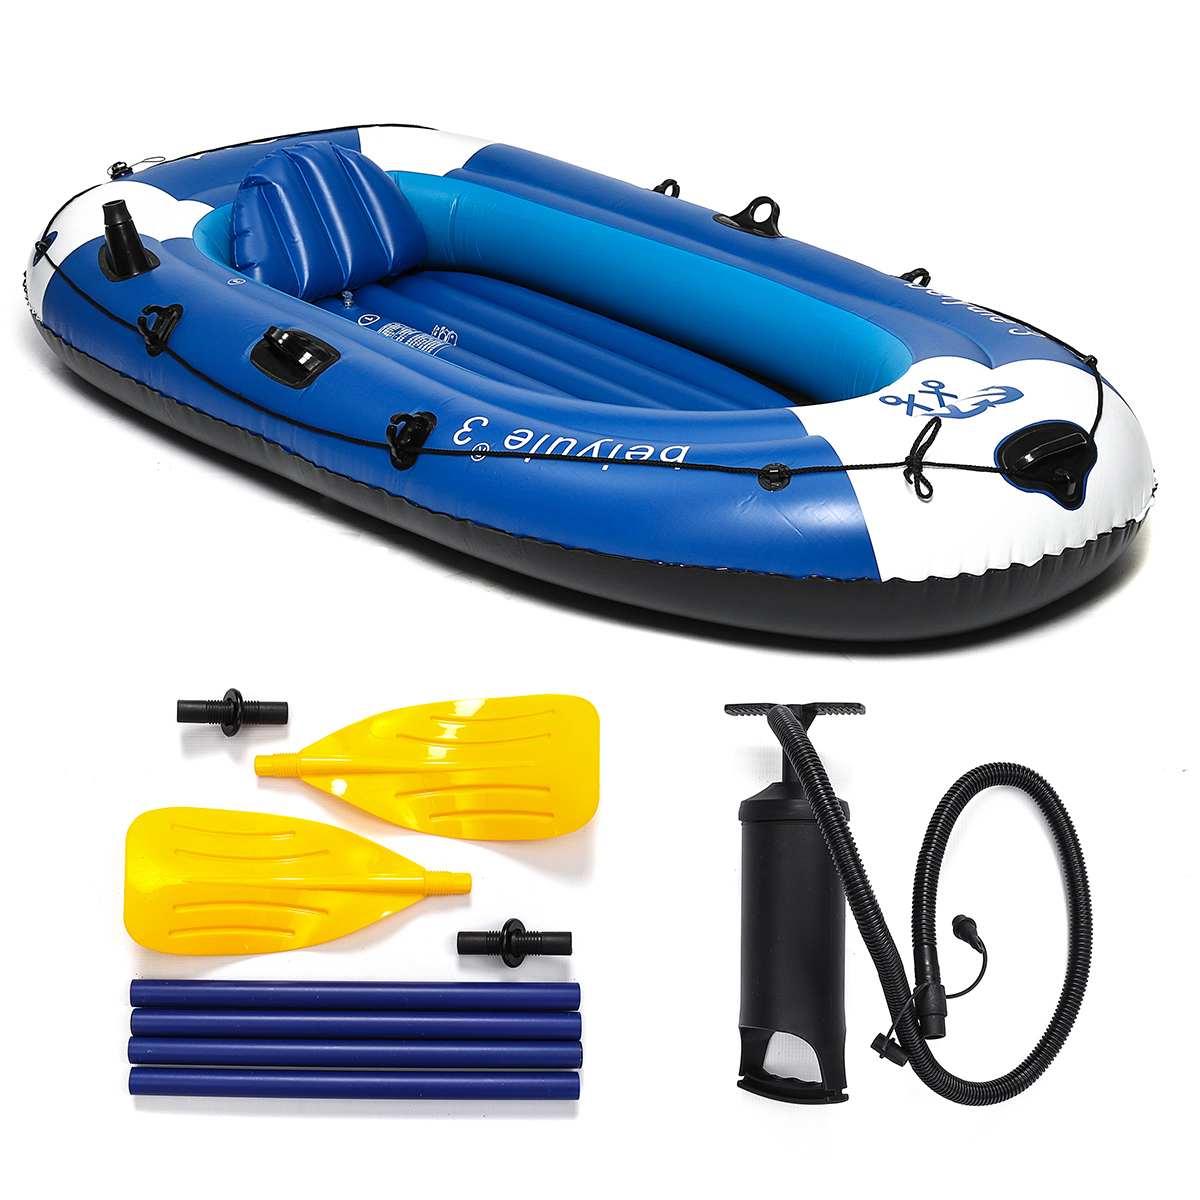 SGODDE 225x127 cm 3 personnes bateau à rames gonflable portant 210 kg Durable PVC caoutchouc bateau de pêche ensemble avec pompe à palettes autre ensemble